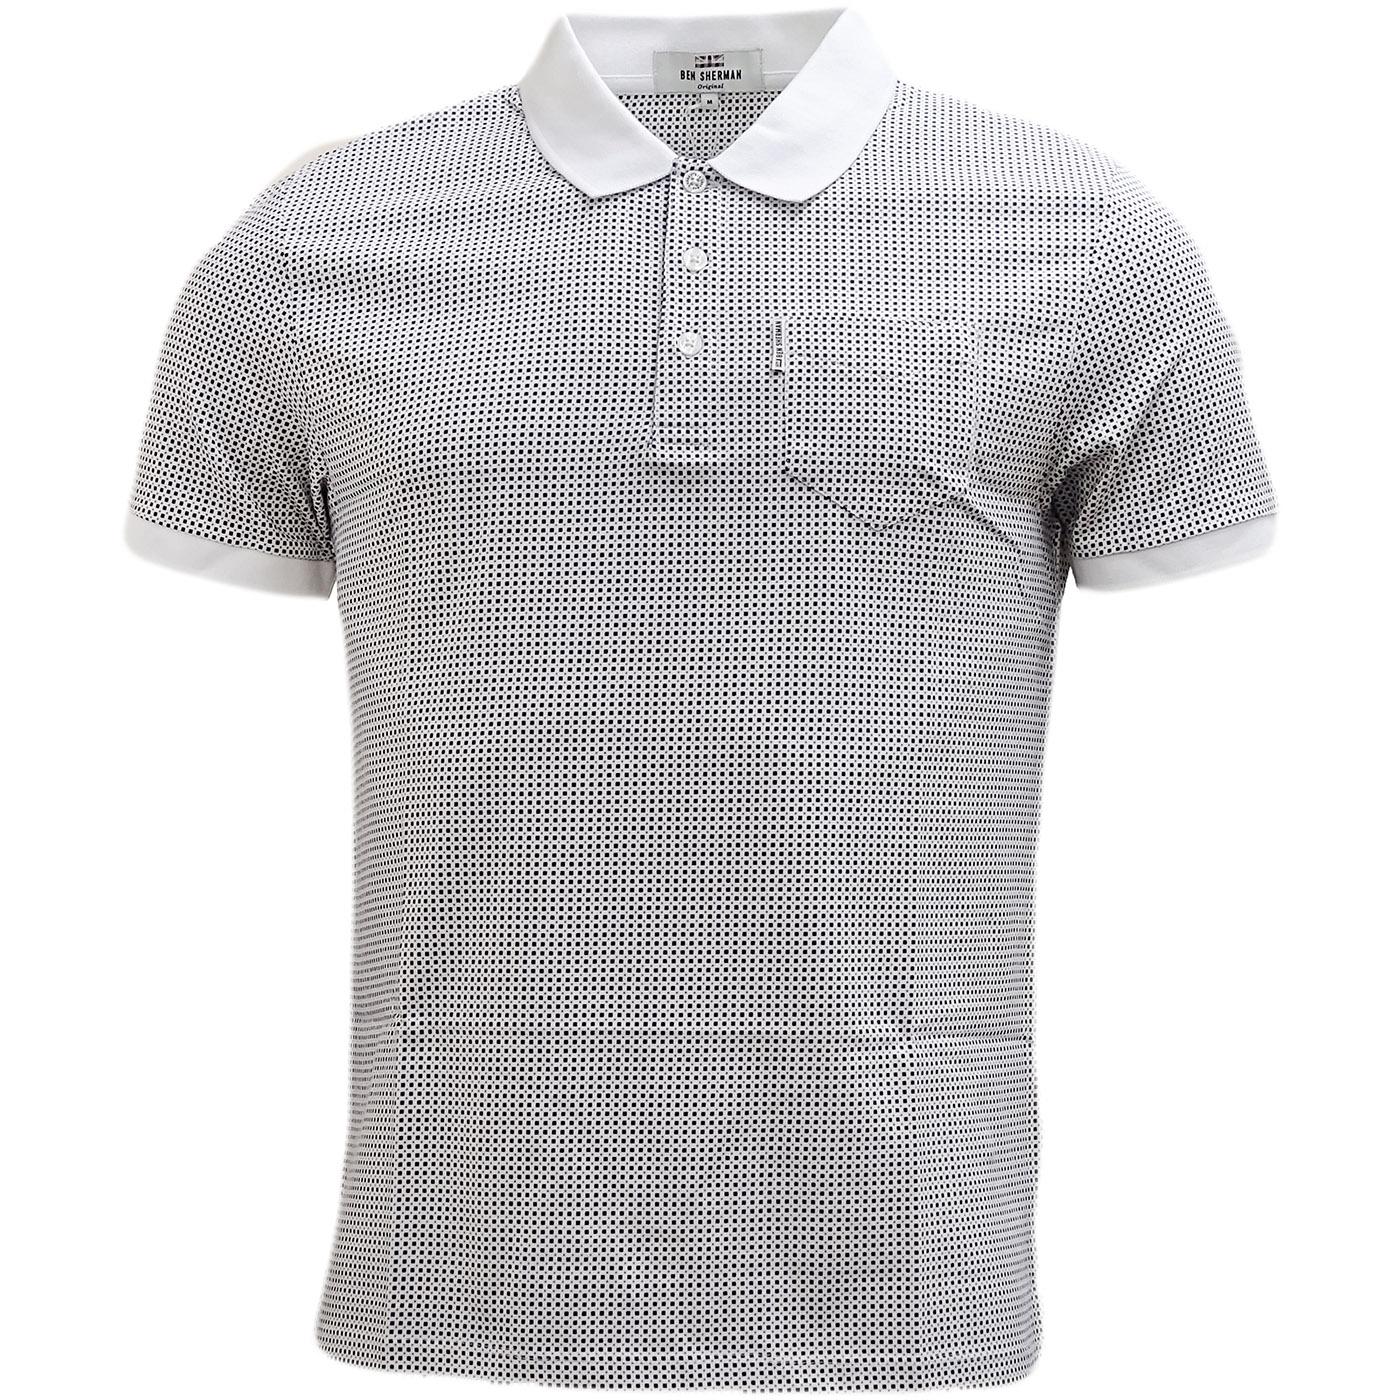 Mc13432 *NEW* Mens Polo Shirts by Ben Sherman